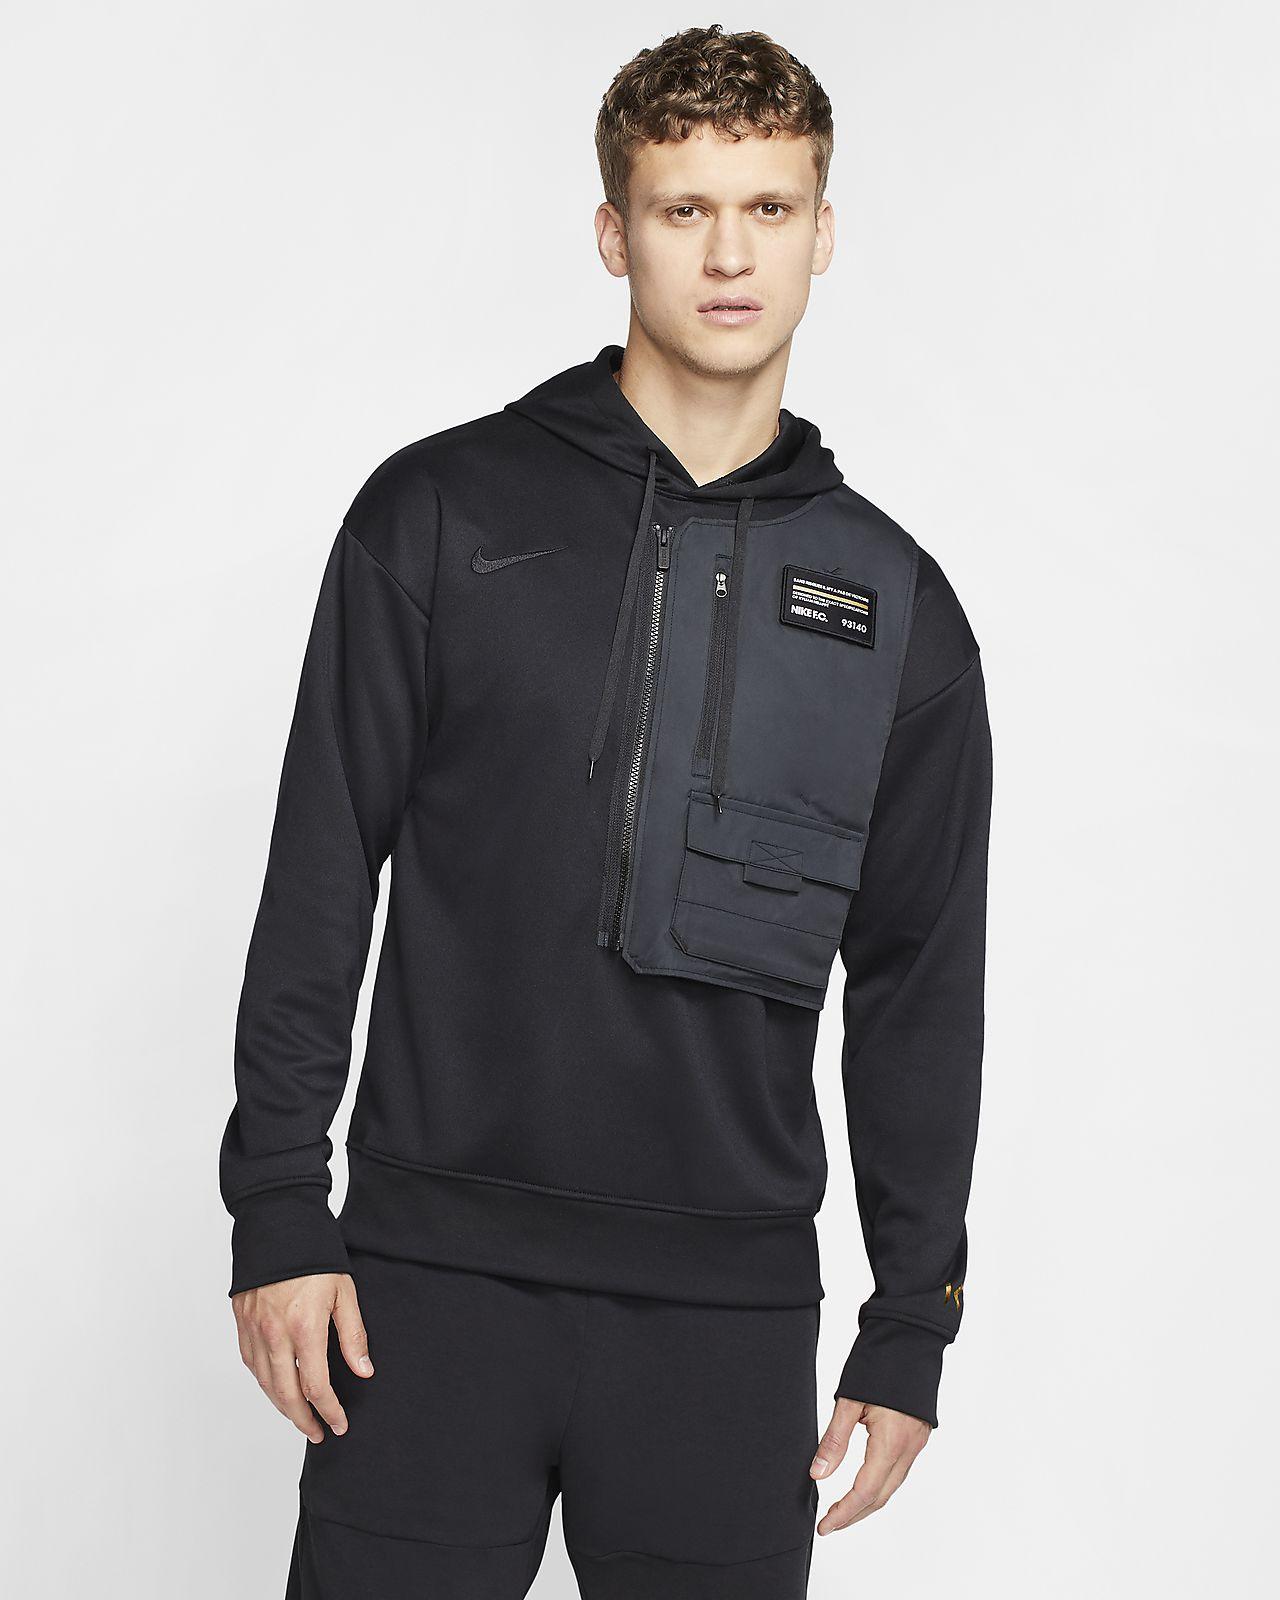 Fotbollshuvtröja Nike Dri-FIT Bondy för män